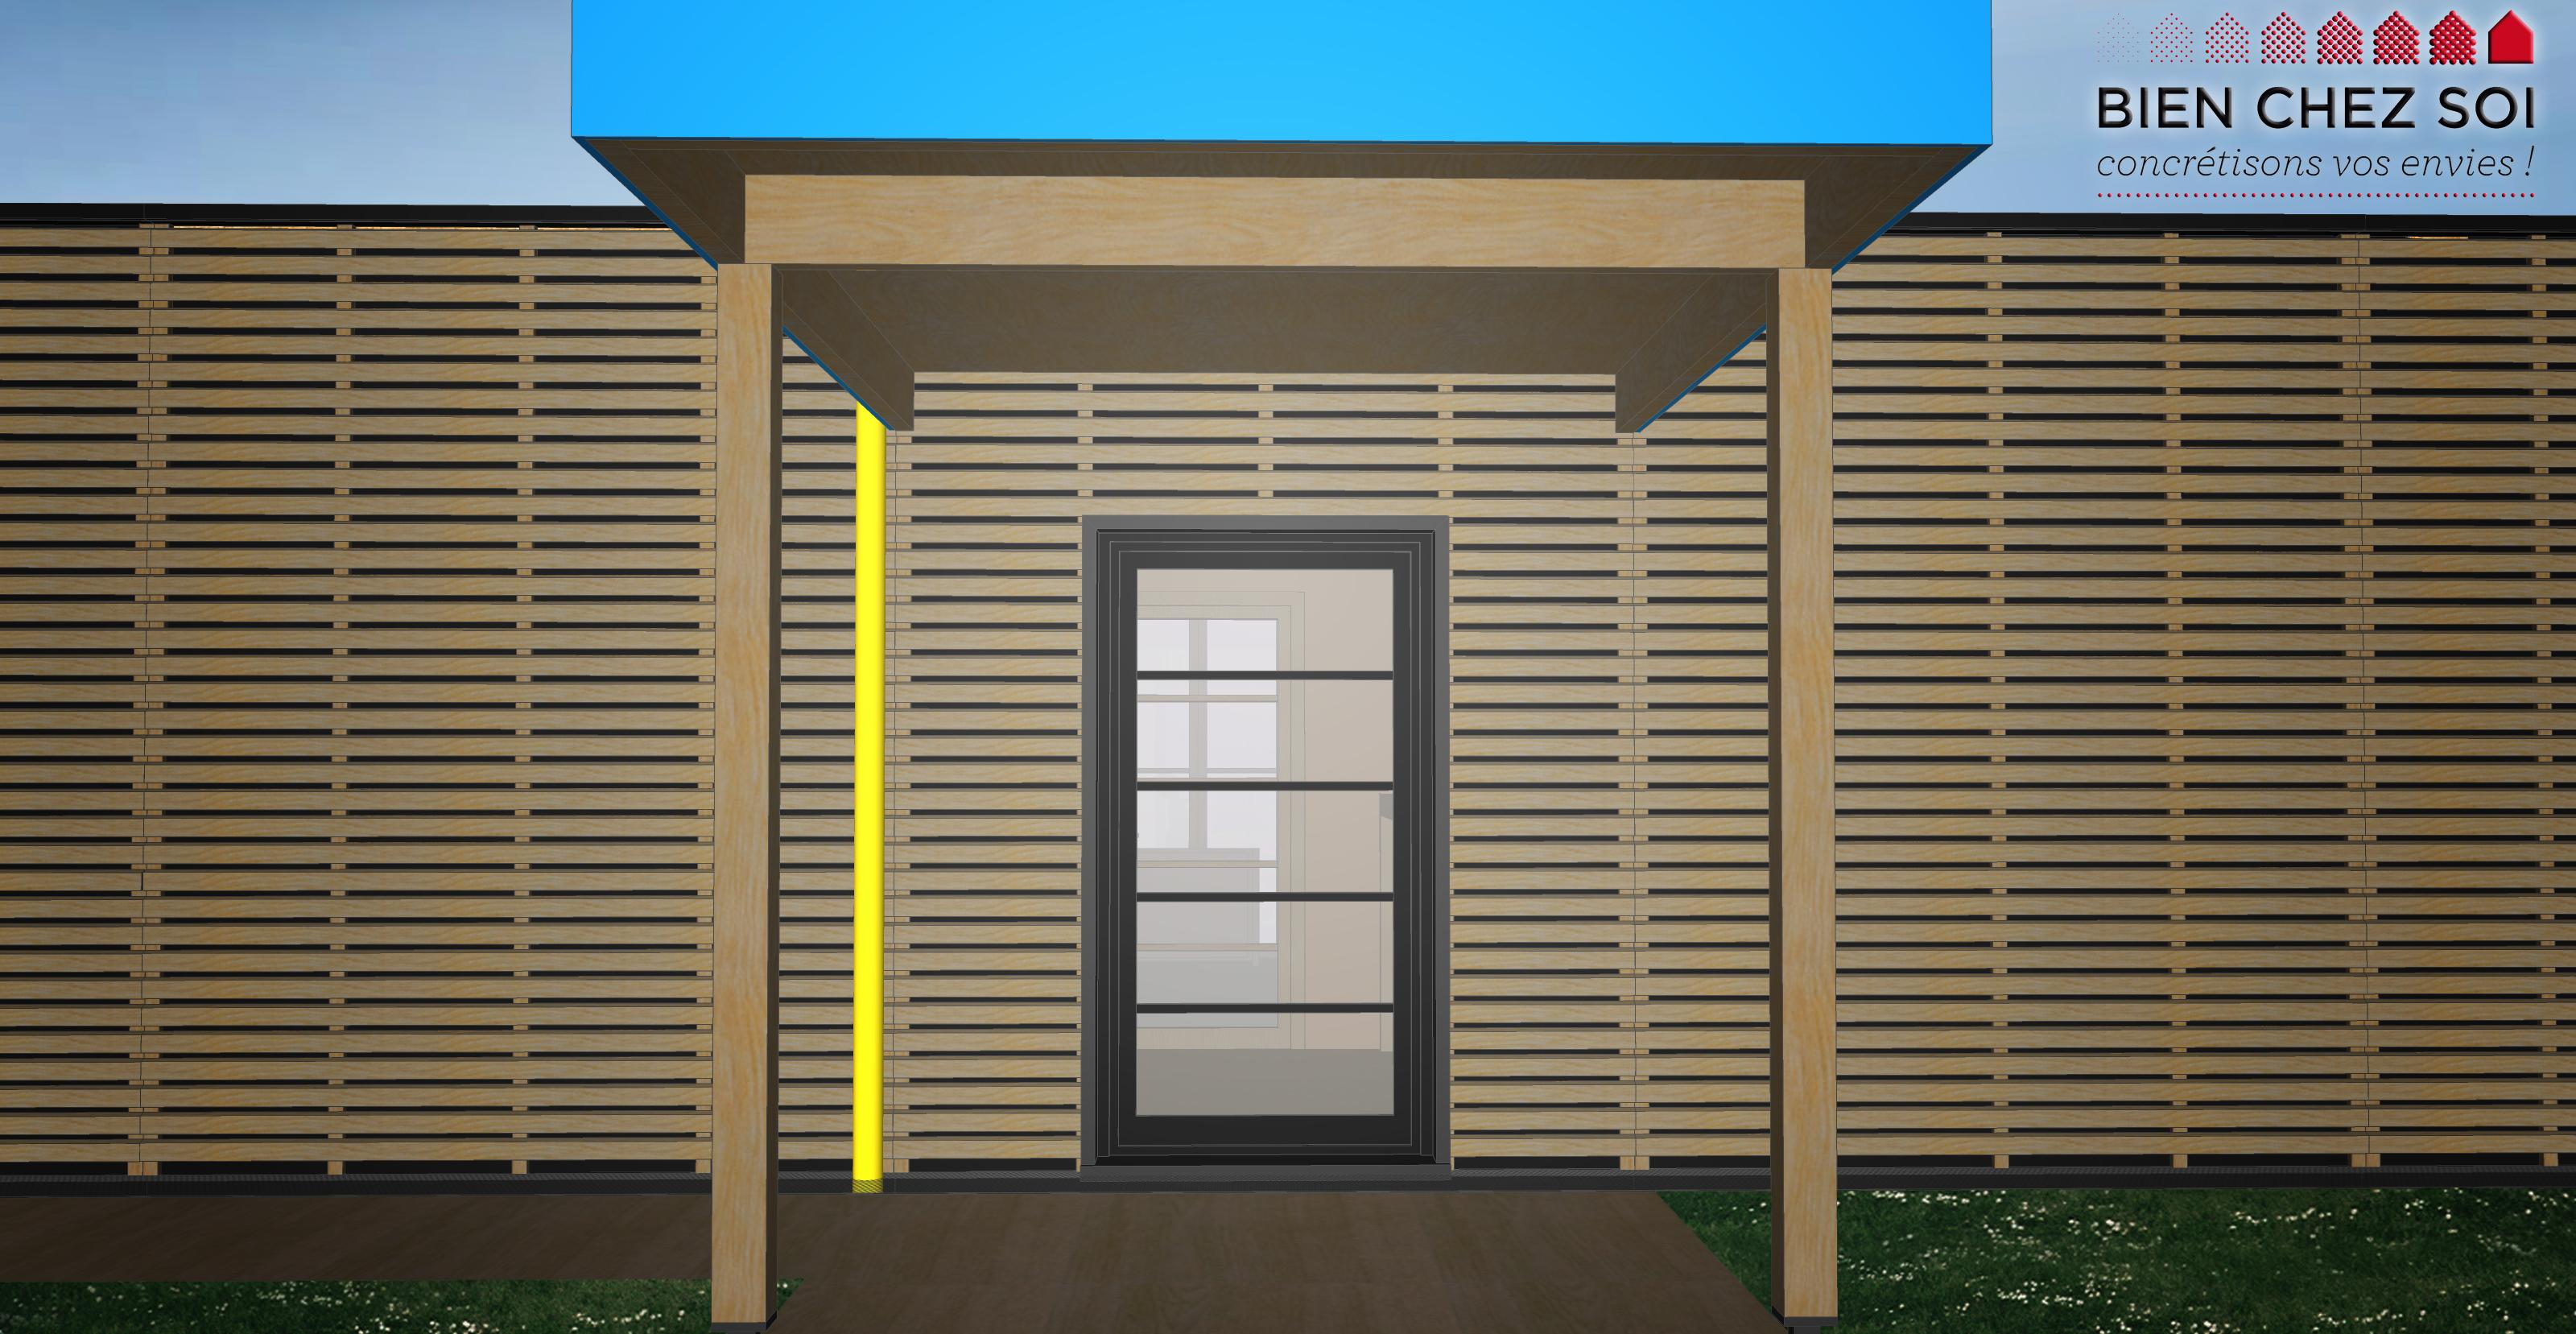 Lille-architecte-Montage-CRECHE-O